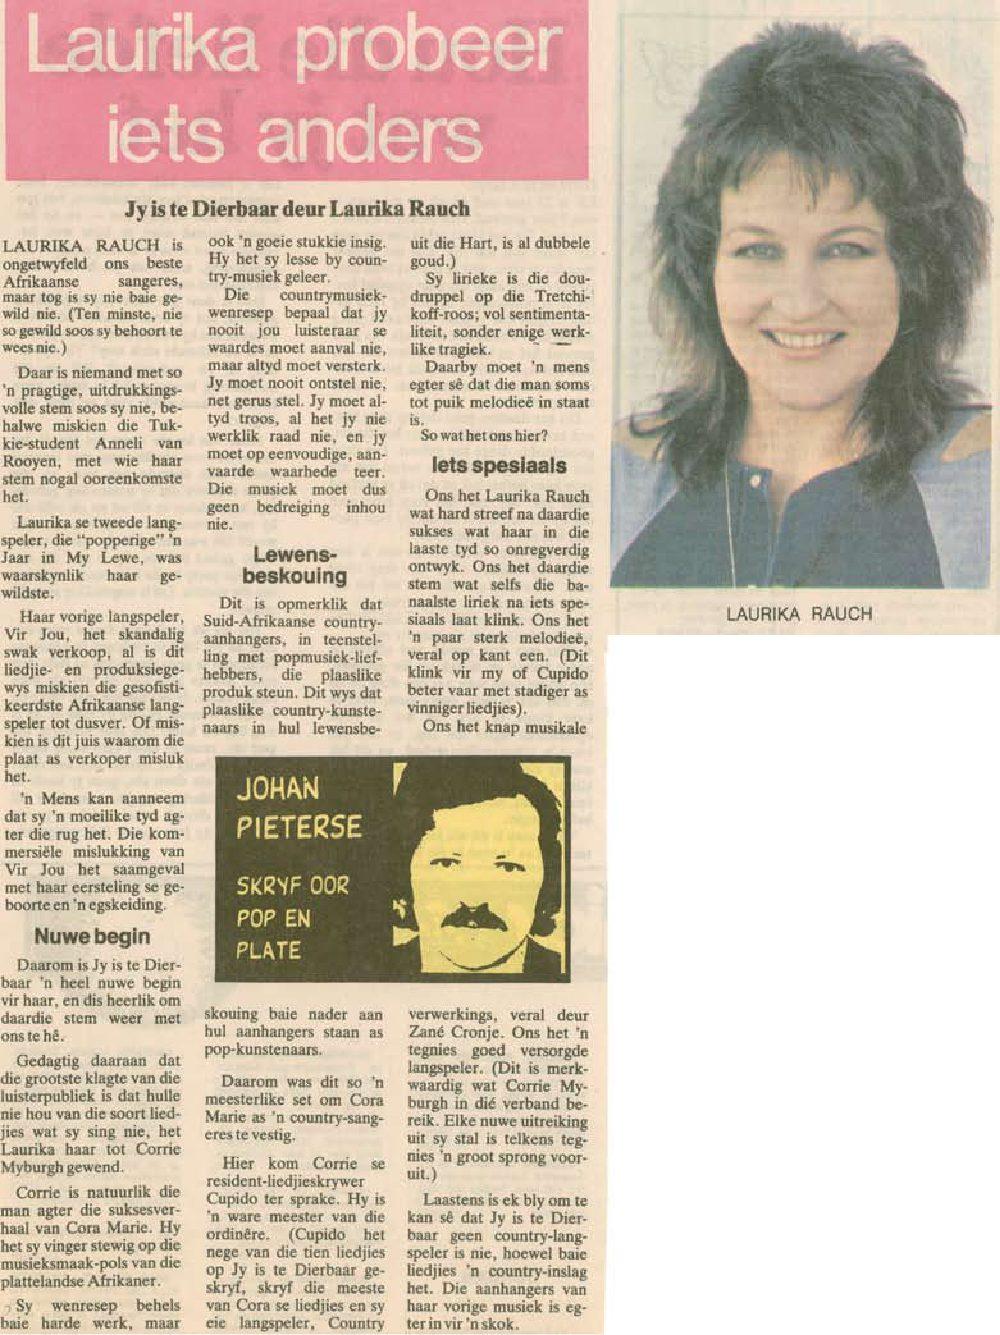 1981-laurika-probeer-iets-anders